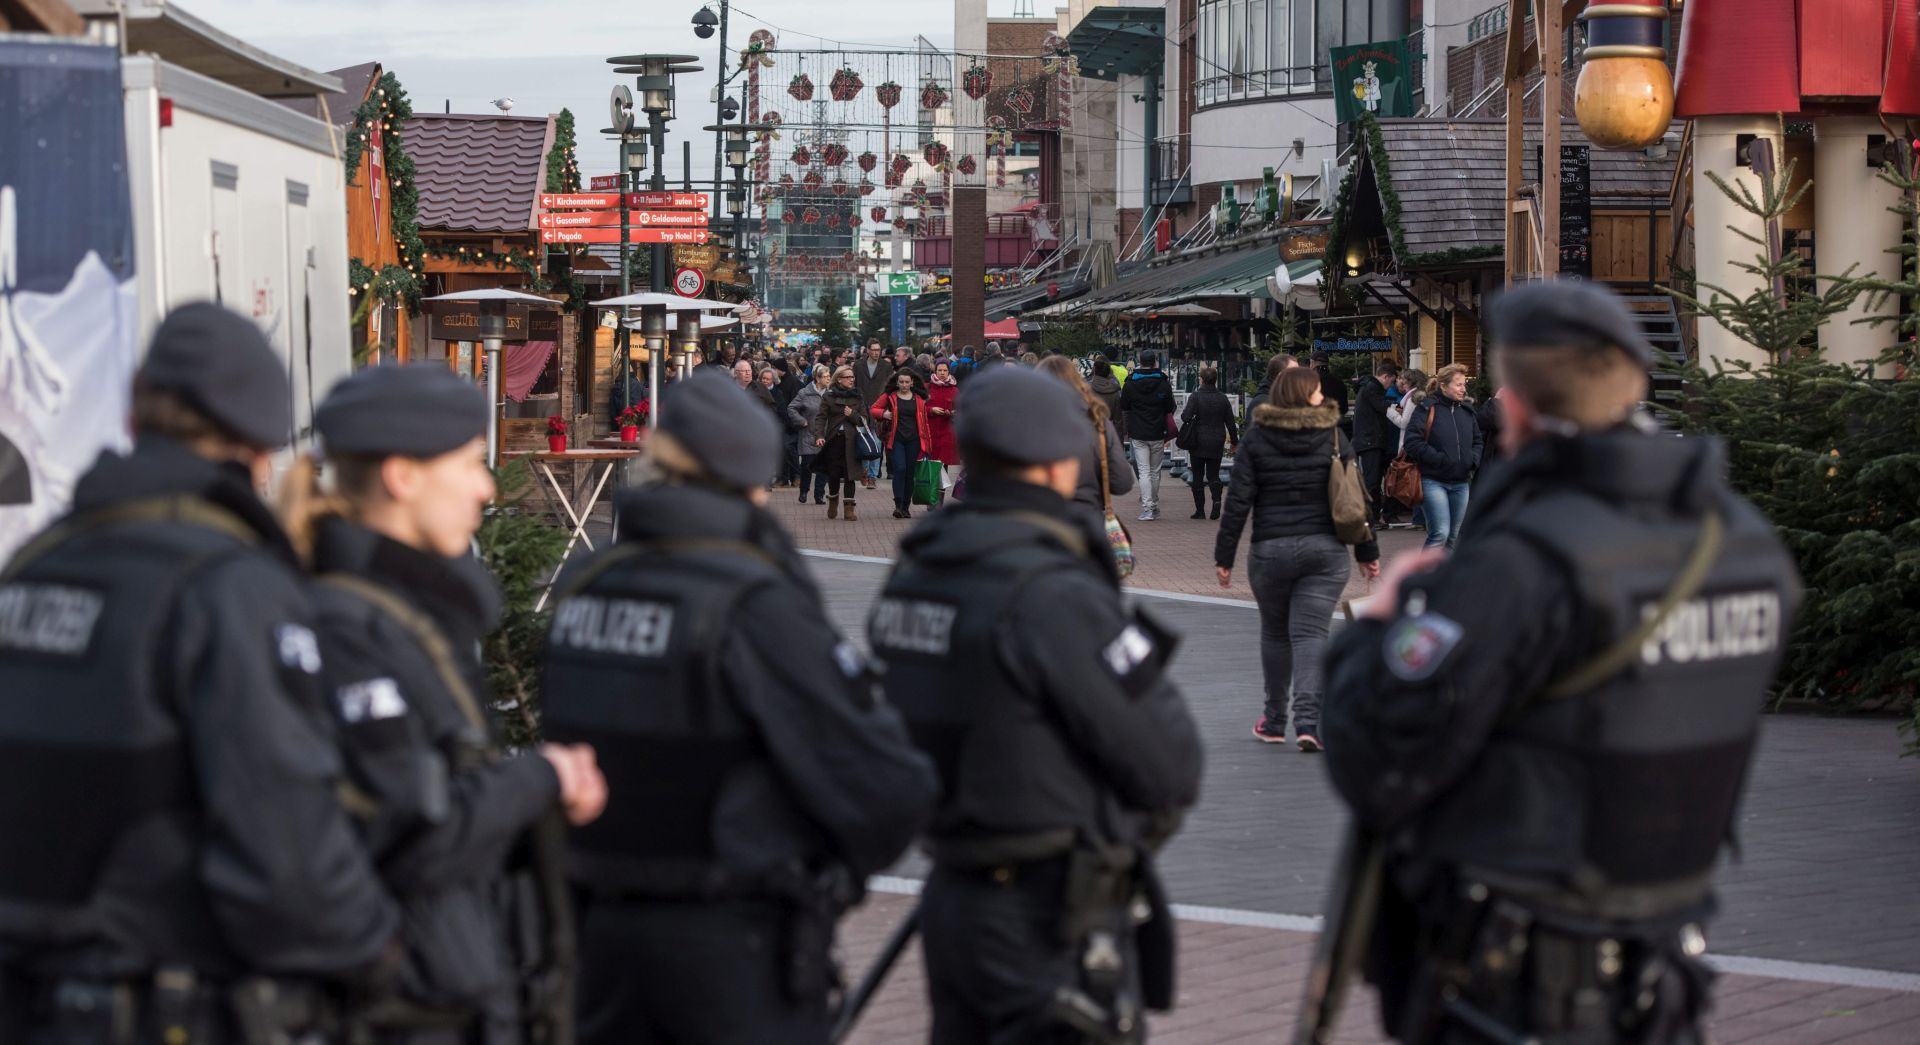 NAKON UDARA KRITIKA: Merkel naredila provjeru državnog sigurnosnog aparata